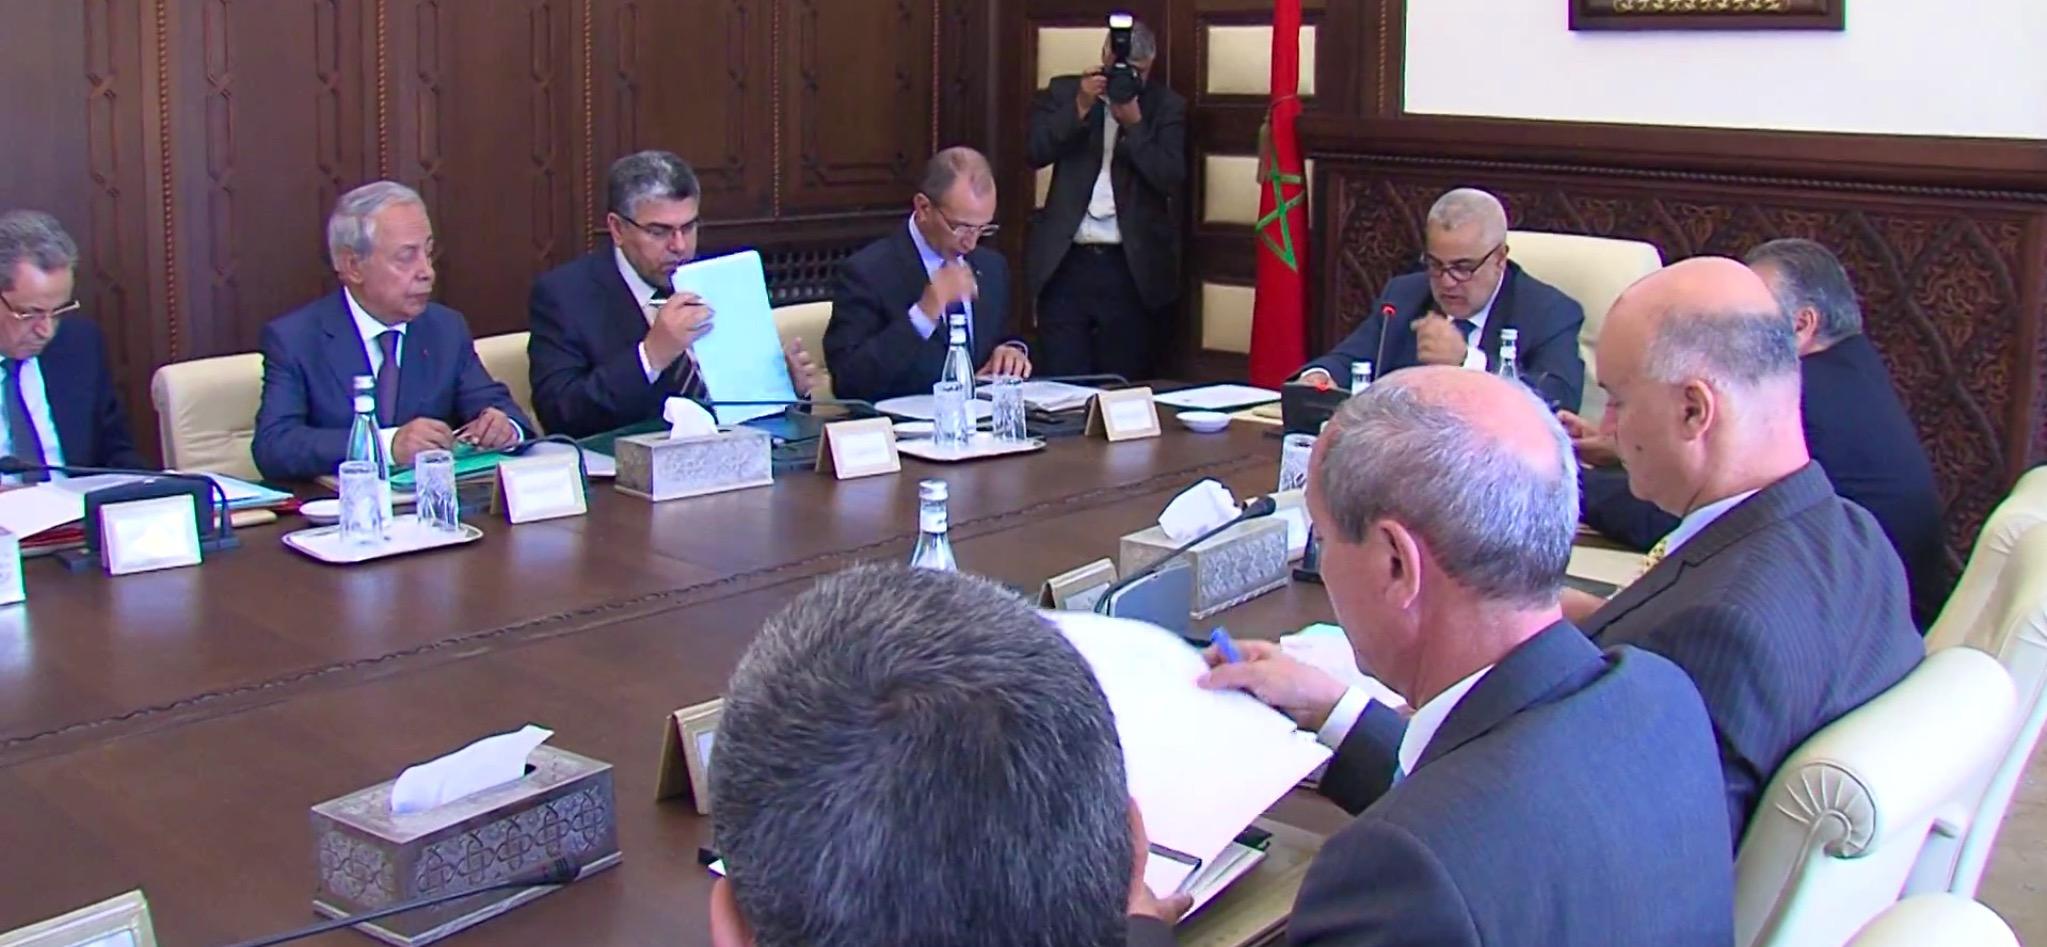 الحكومة تصادق على مشروع قانون يتعلق بالنظام الأساسي لمحكمة العدل الإسلامية الدولية